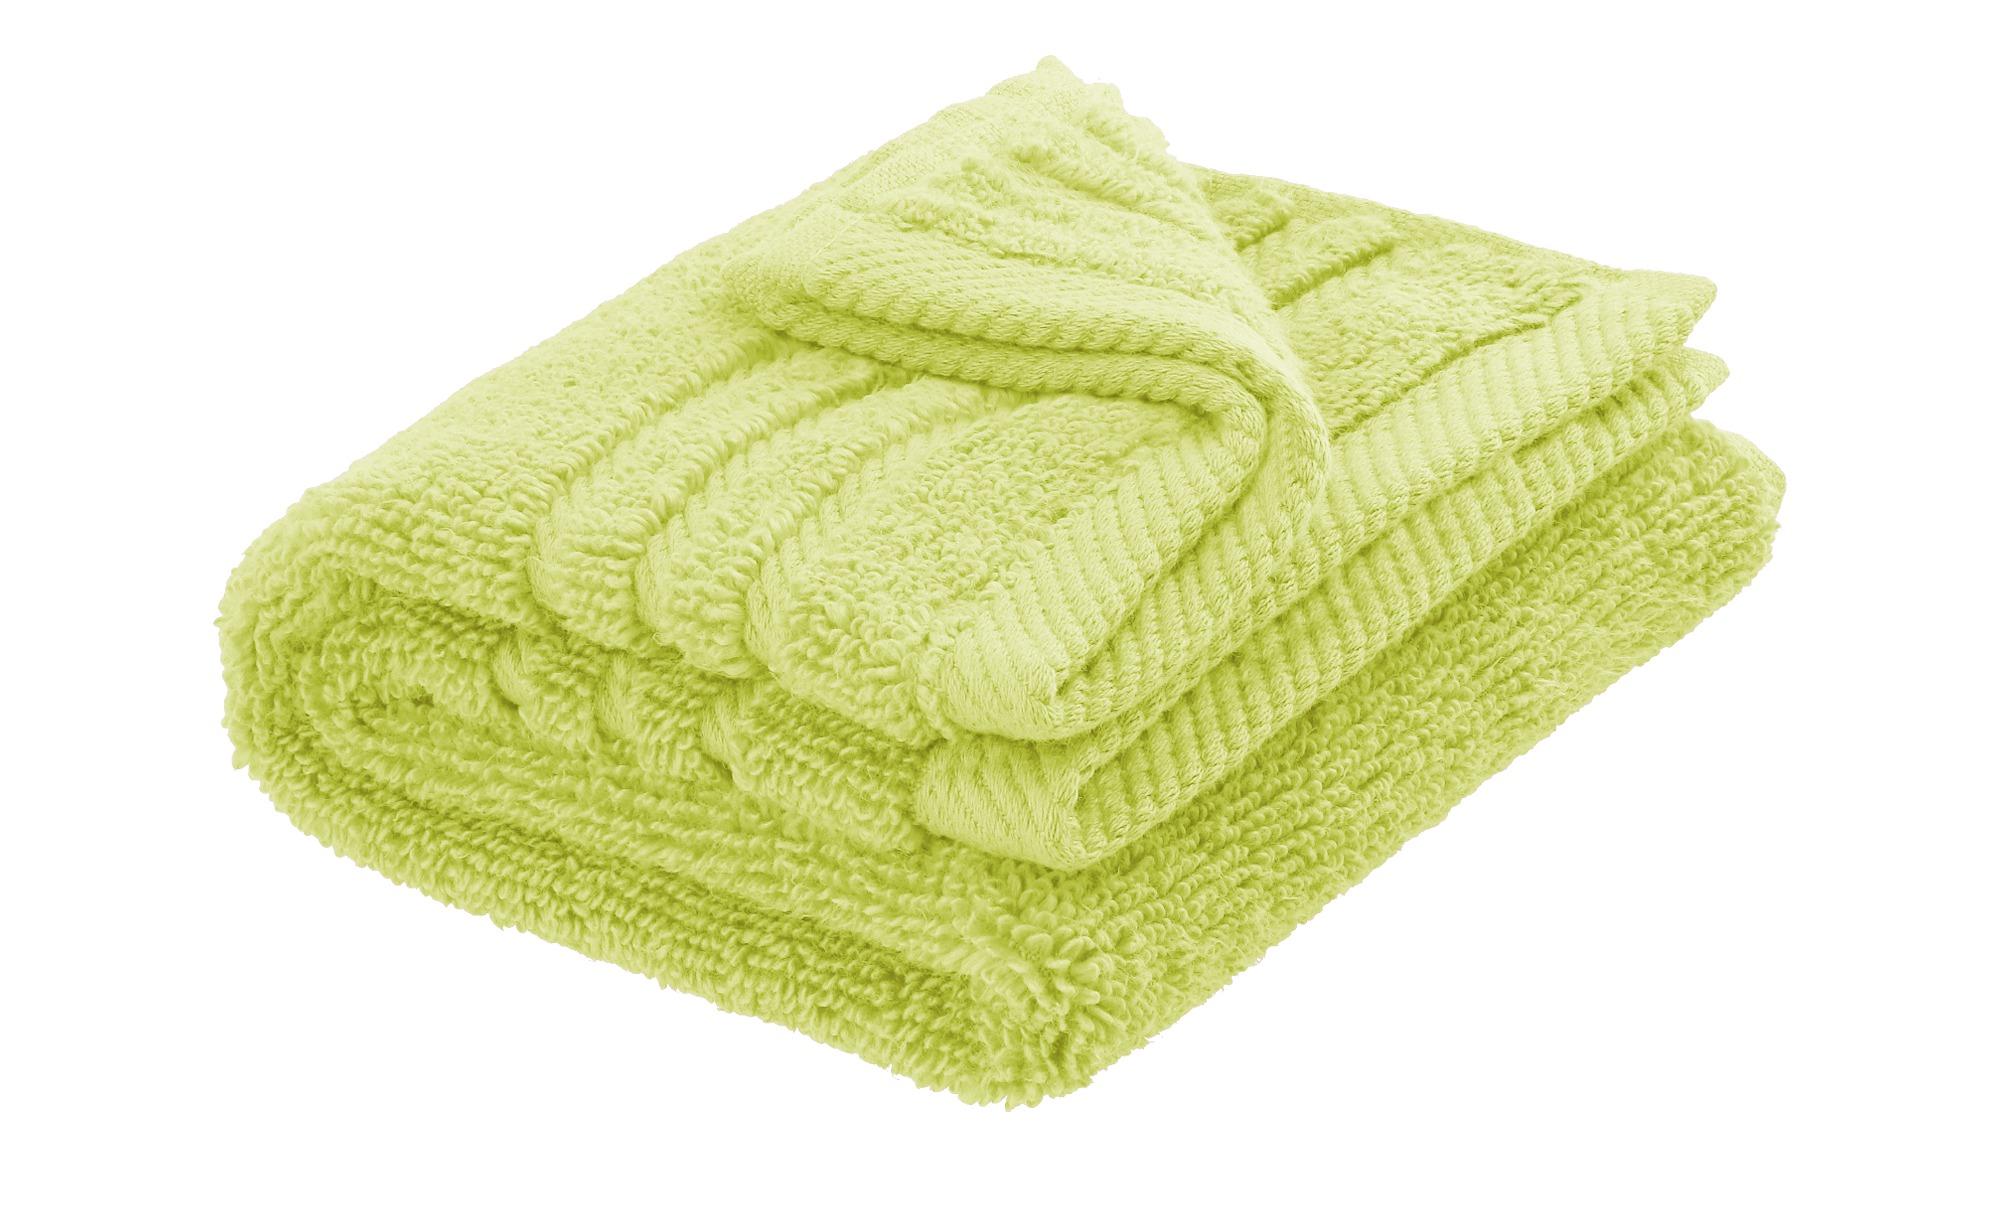 LAVIDA Gästetuch  Soft Cotton - grün - reine Micro-Baumwolle - Heimtextilie günstig online kaufen